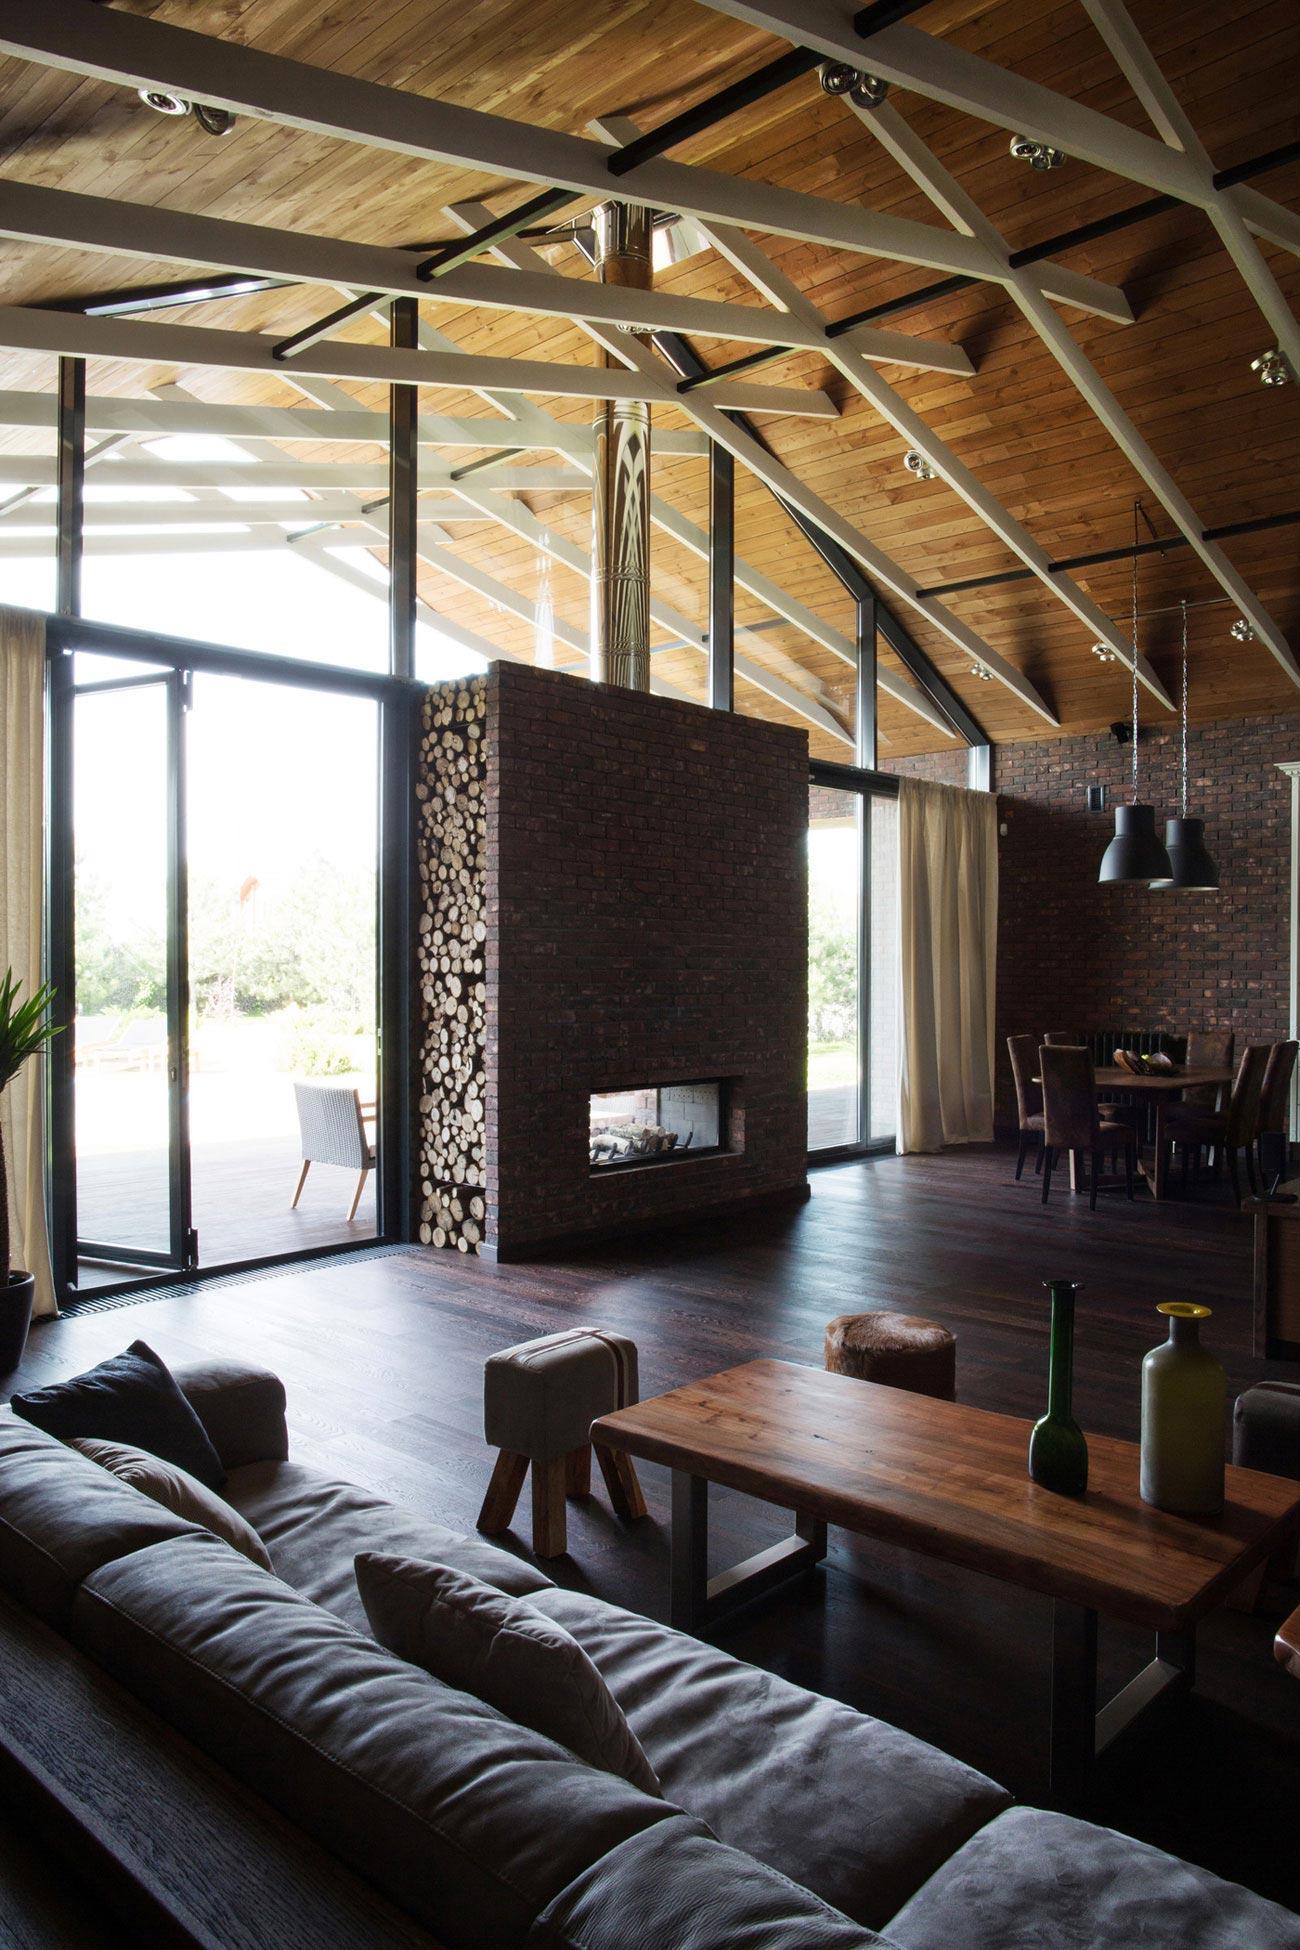 Casa de un piso de 390 metros cuadrados construye hogar for Casas de campo interiores